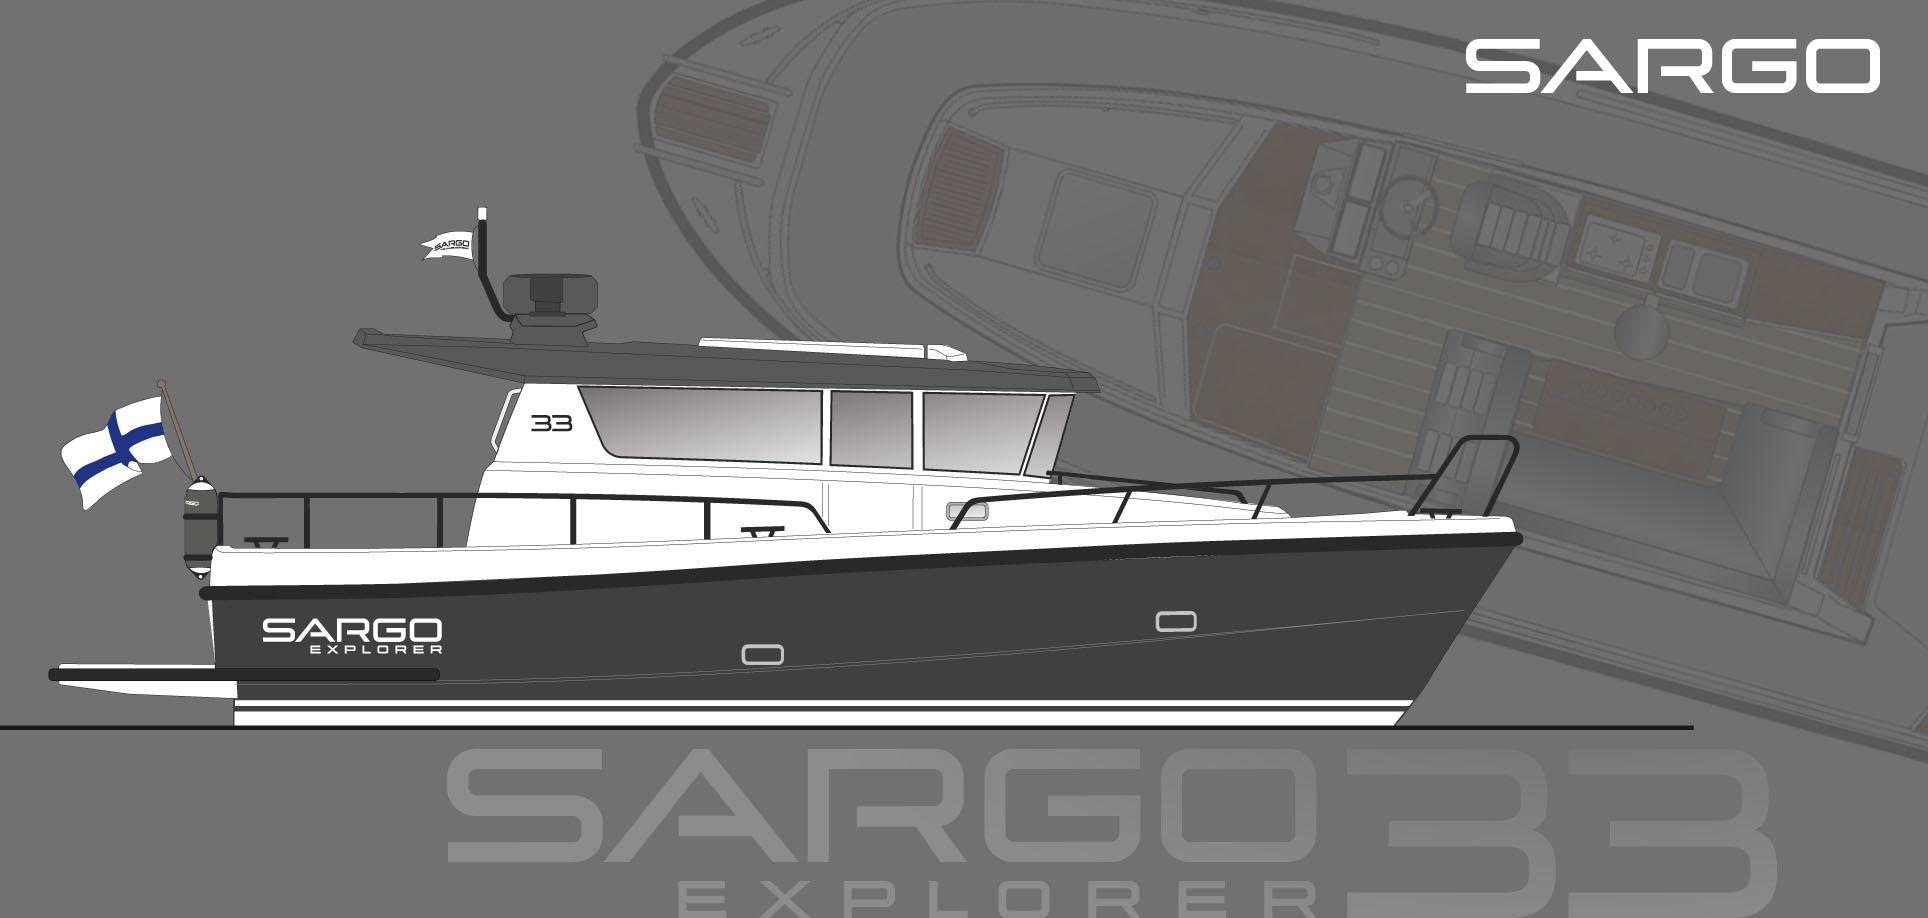 Sargo Explorer 33